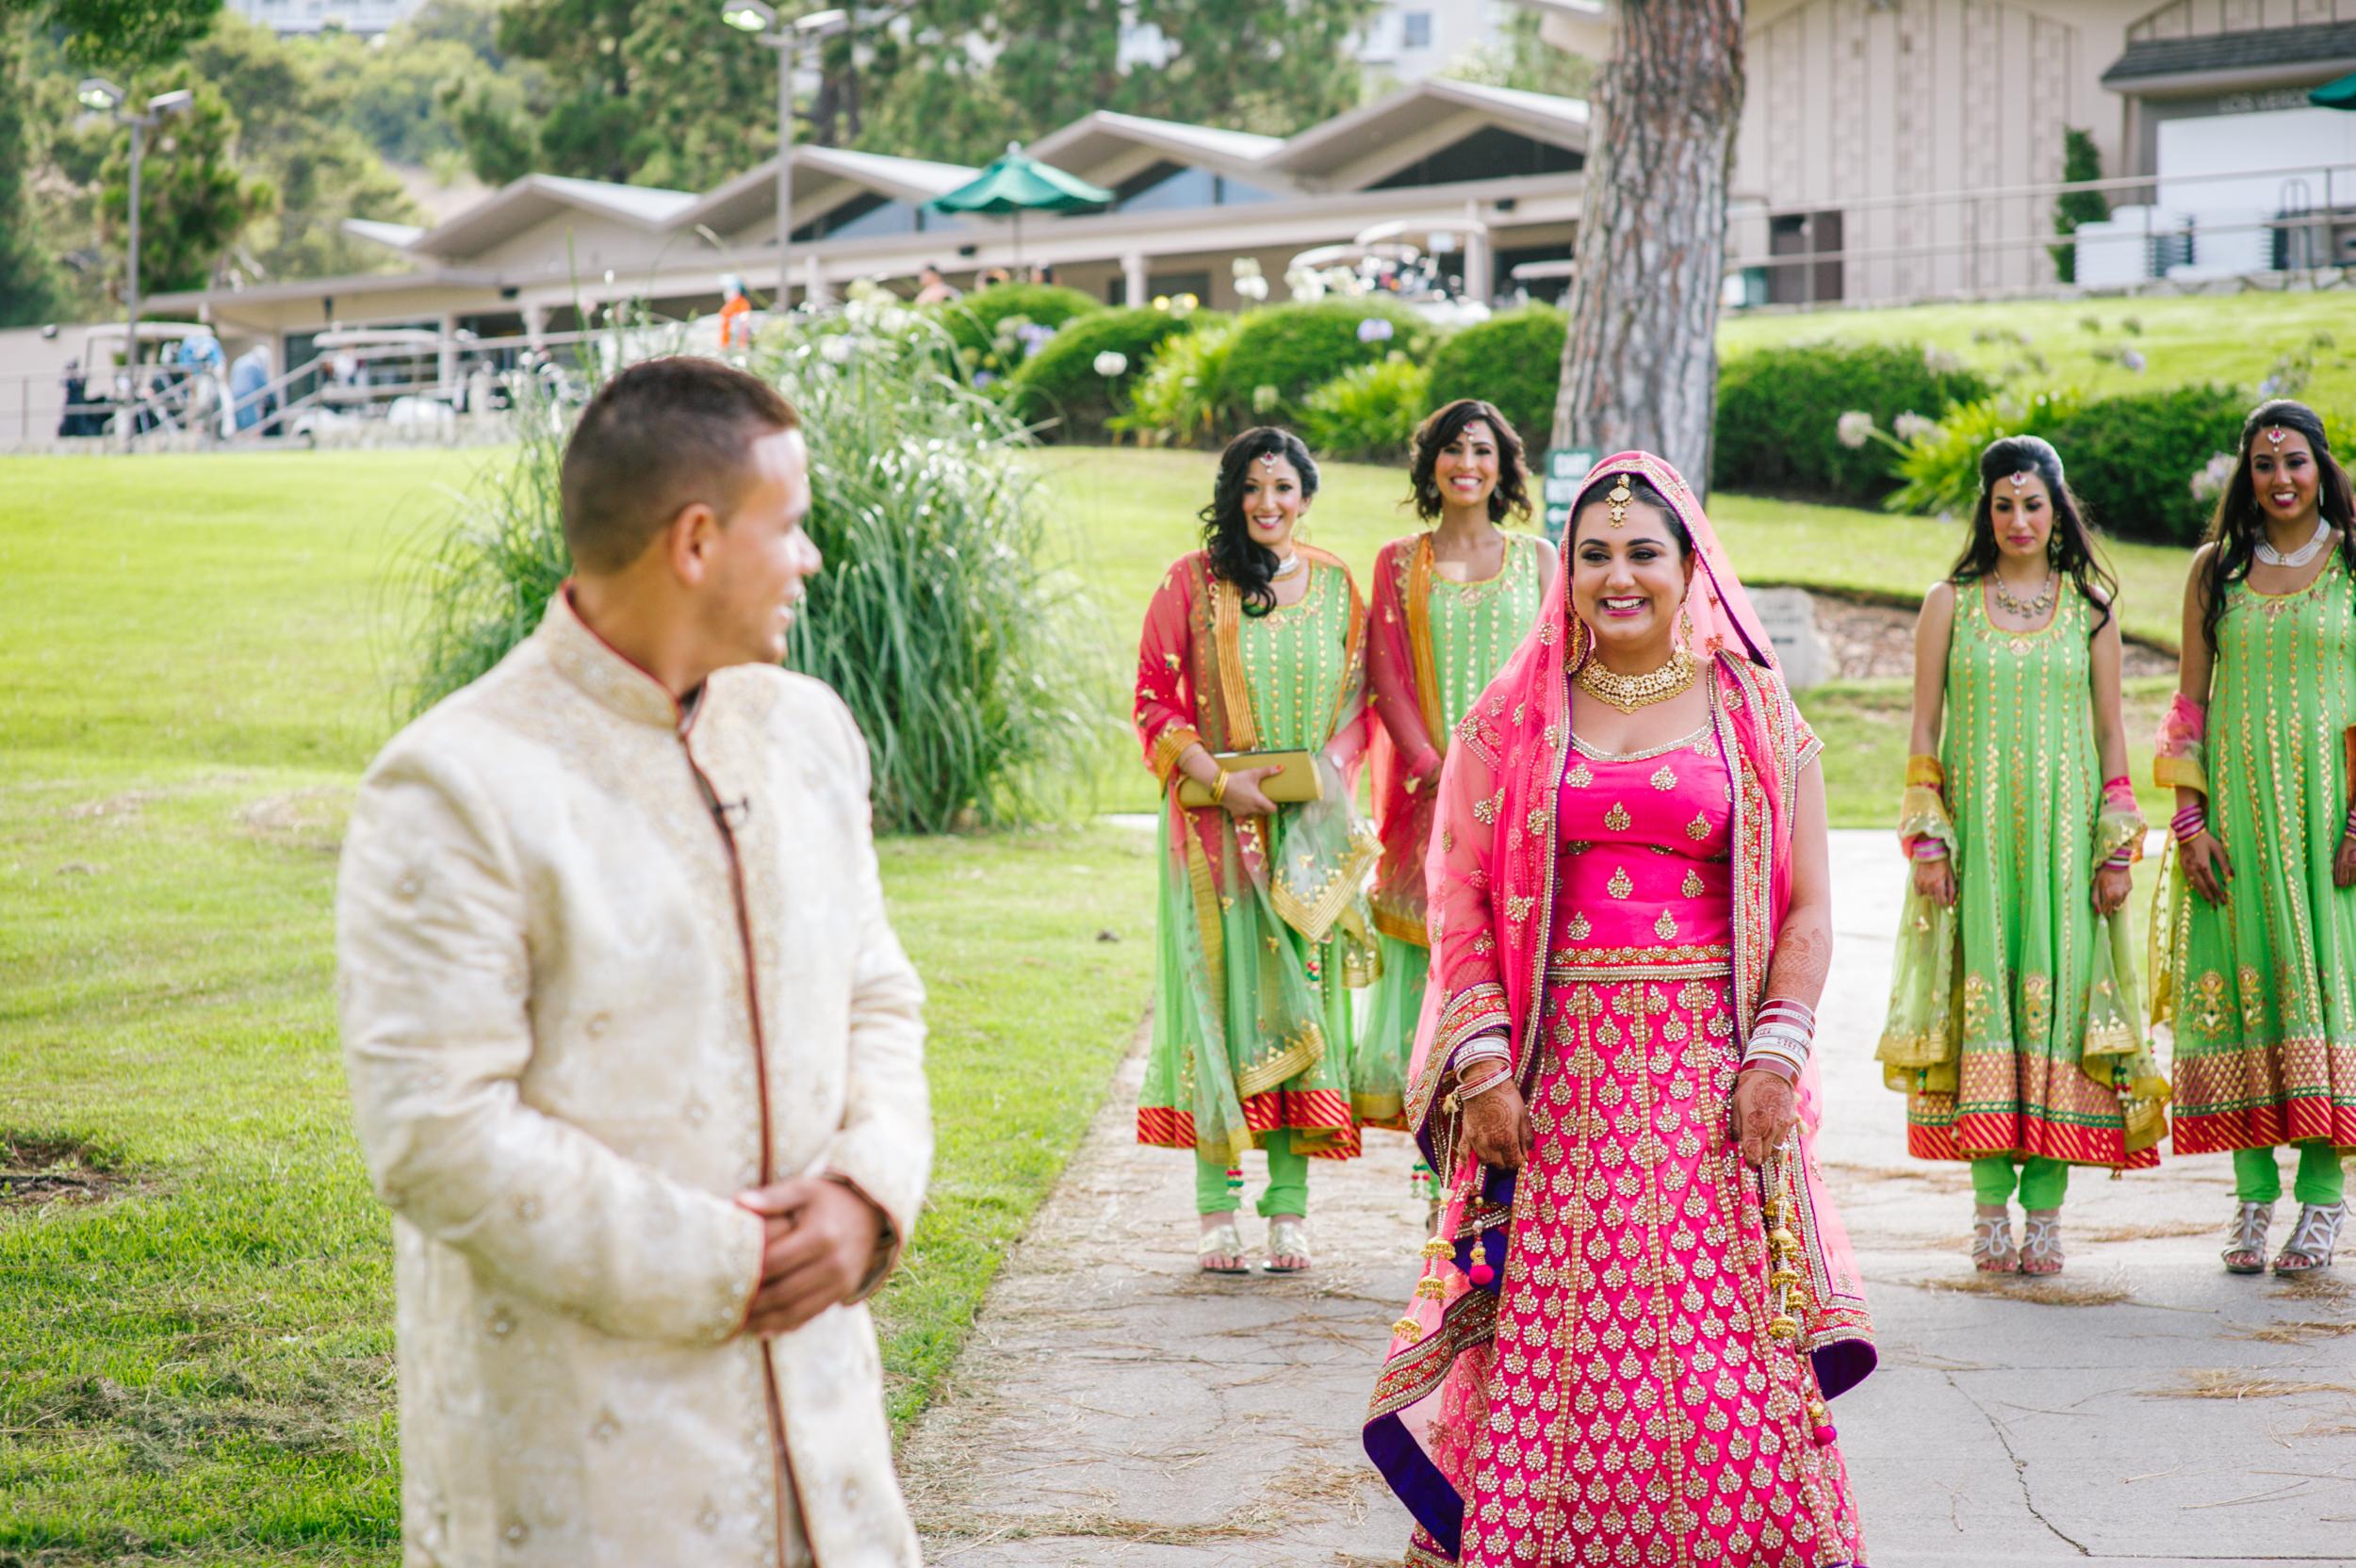 JKP_Indian_Weddings_0183.JPG